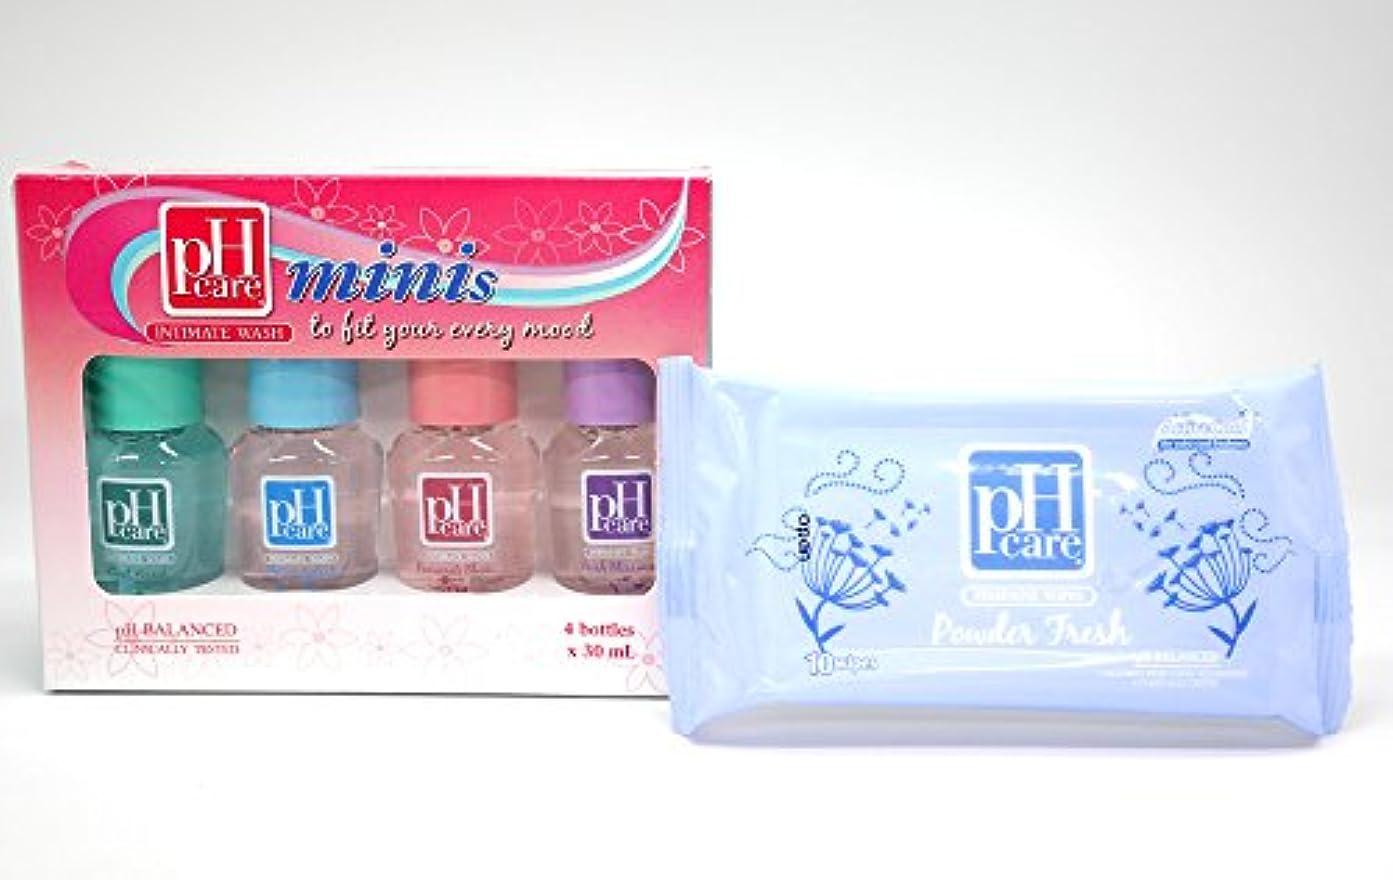 変色する主婦メッセンジャー(ピーエイチケア)pHcare フェミニンウォッシュ (ミニボトル4本 + シート(パウダーフレッシュ))